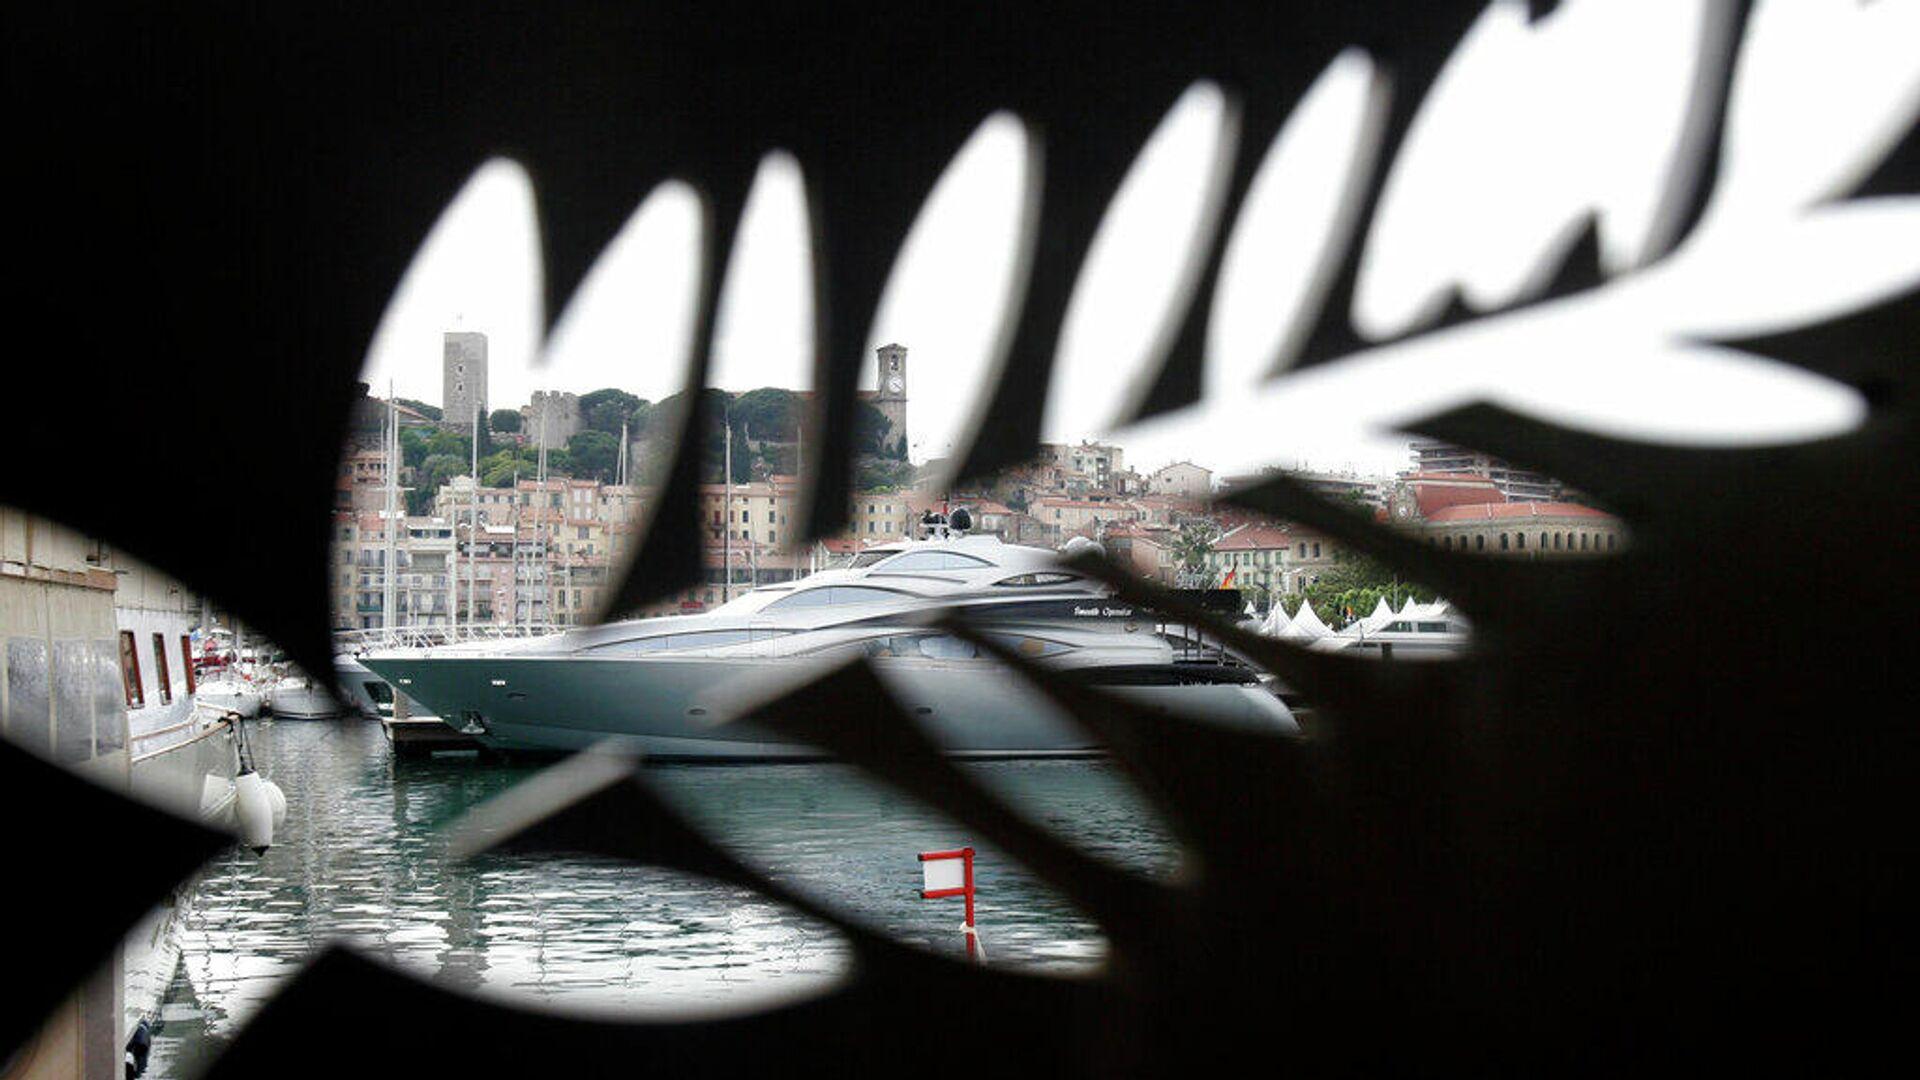 Логотипом Каннского. Канны, Франция, 12 мая 2009 г., накануне открытия 62-го кинофестиваля. Архивное фото - РИА Новости, 1920, 20.09.2021